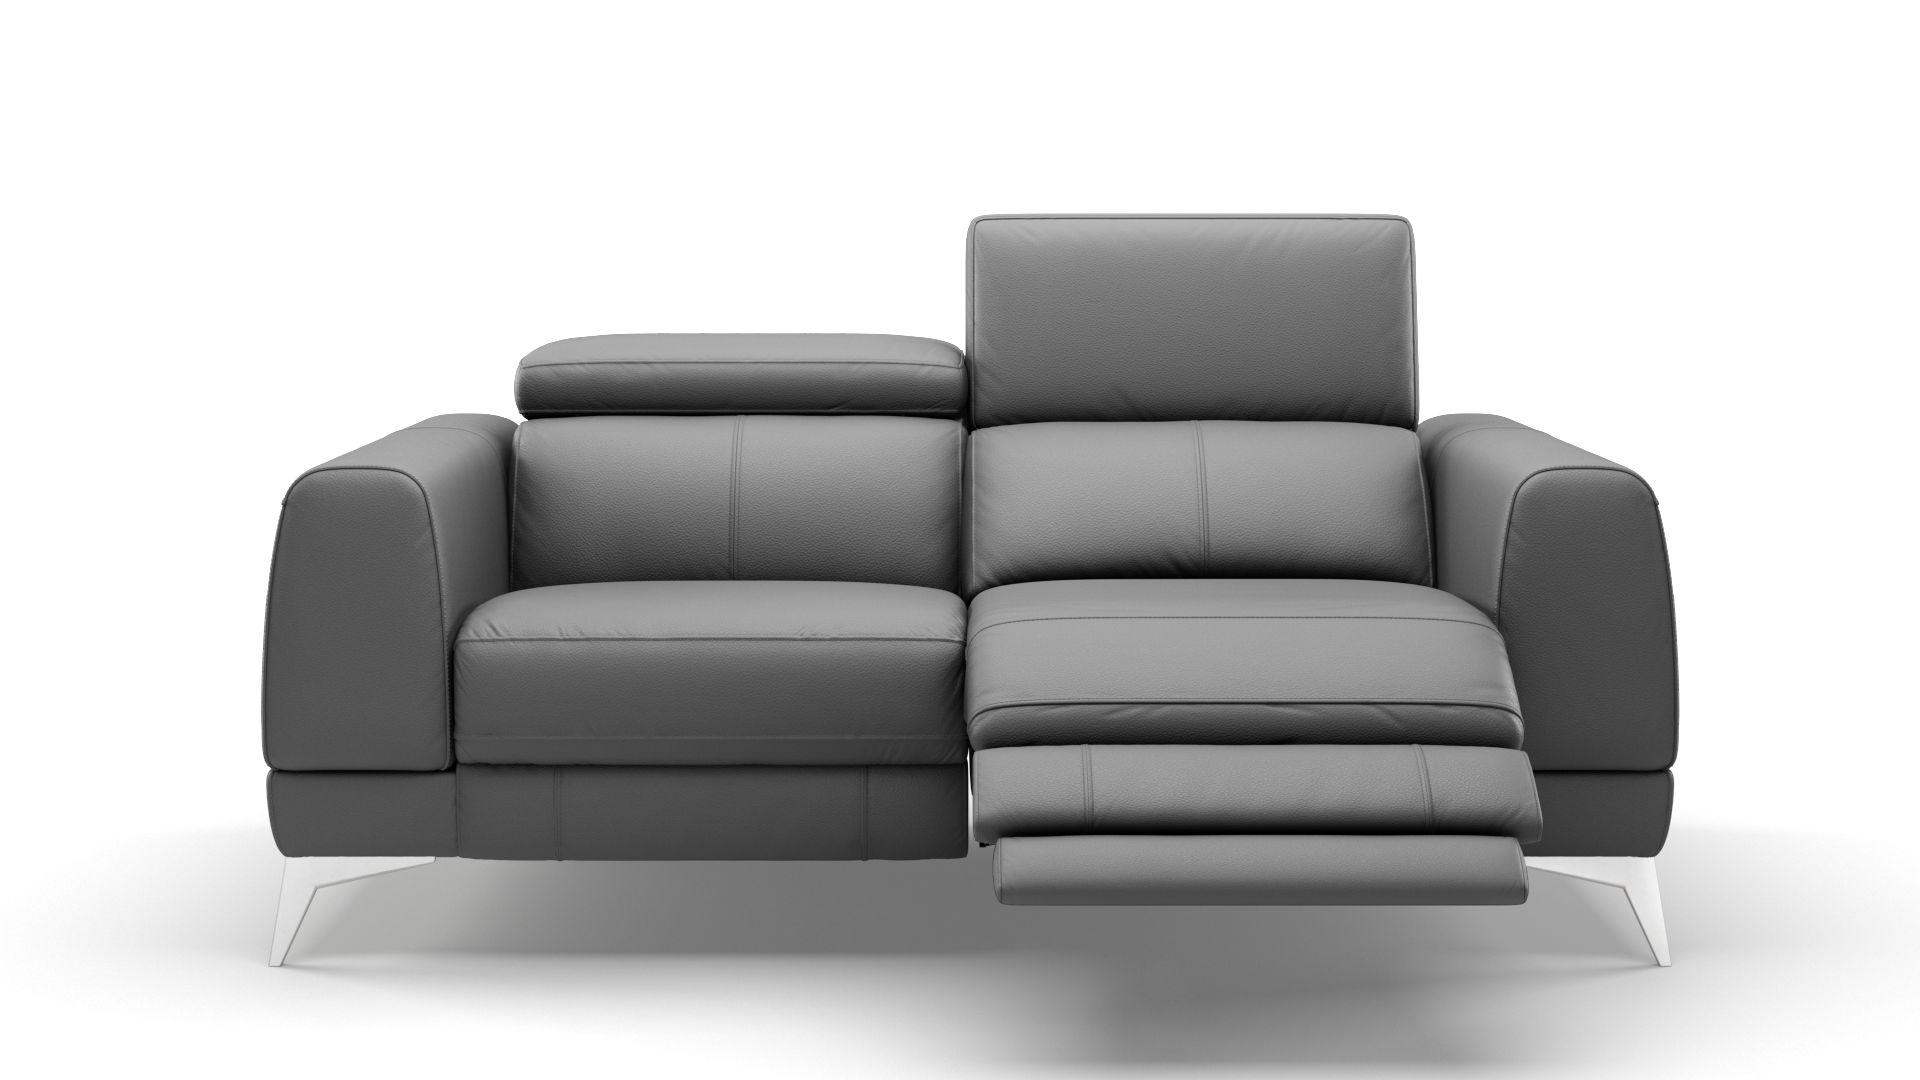 Full Size of Sofa Mit Relaxfunktion Designer Couch Marino Sofanella Marken Garten Ecksofa Esstisch Schillig Spiegelschrank Bad Beleuchtung Leinen Big Hocker Garnitur L Sofa Sofa Mit Relaxfunktion